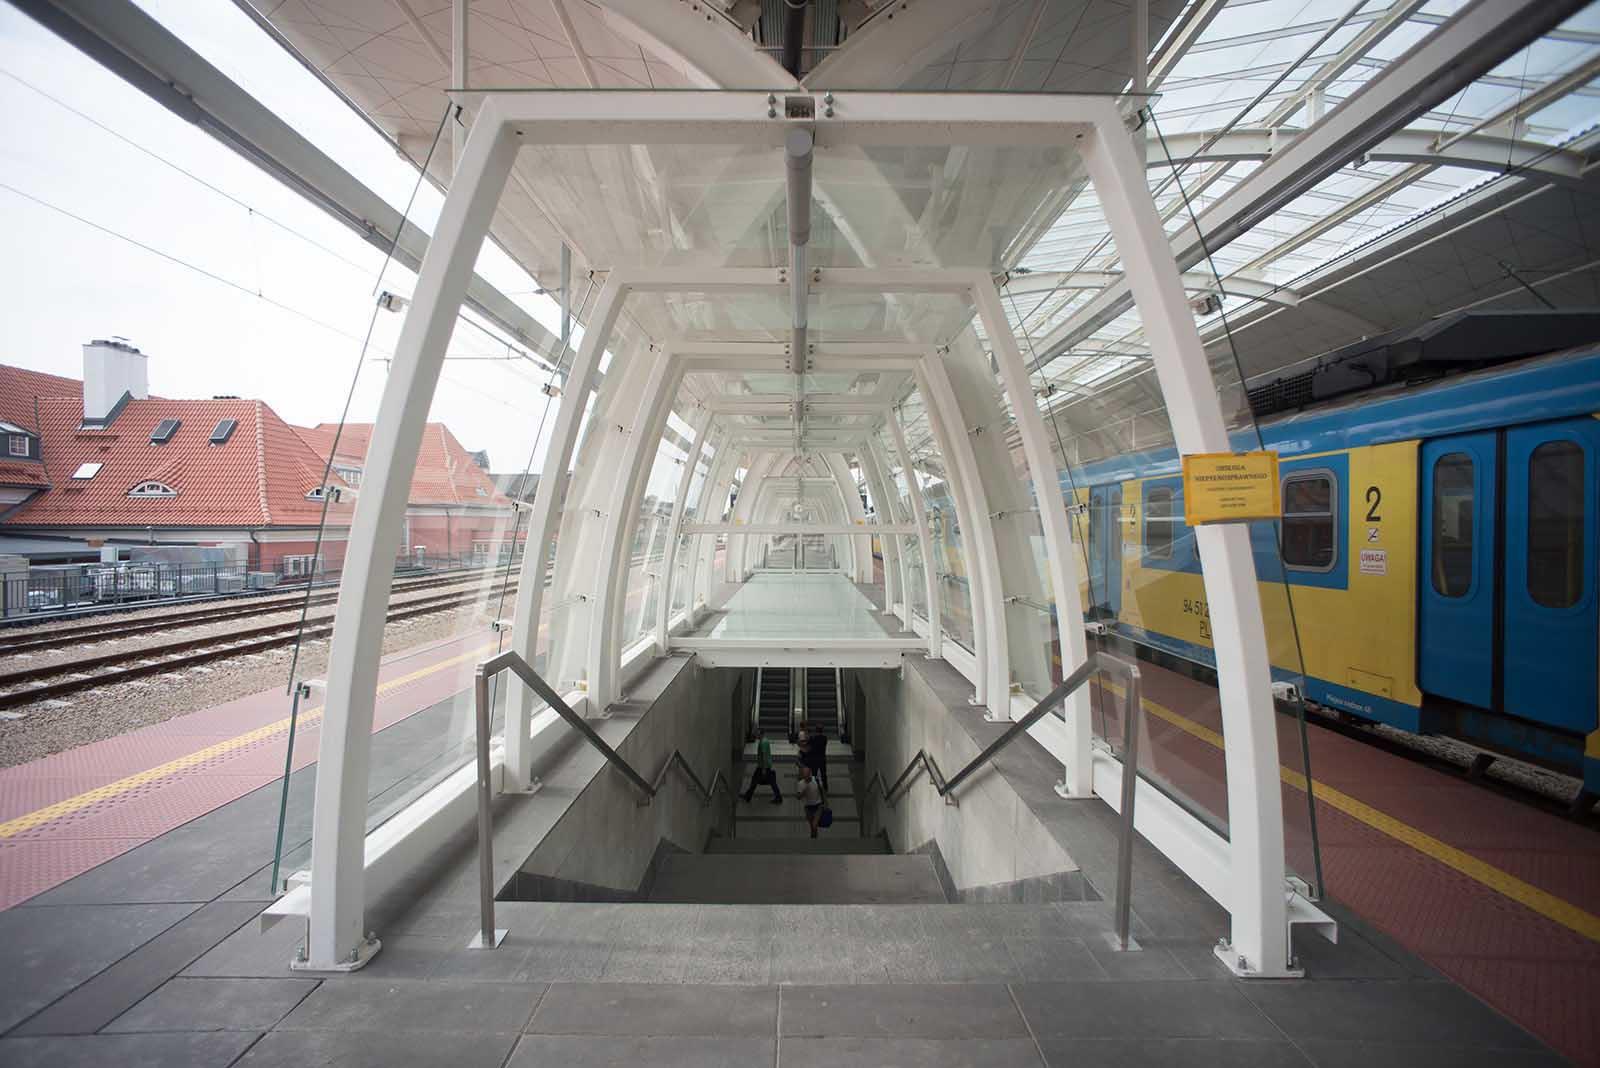 Dworzec PKP Gliwice (11)